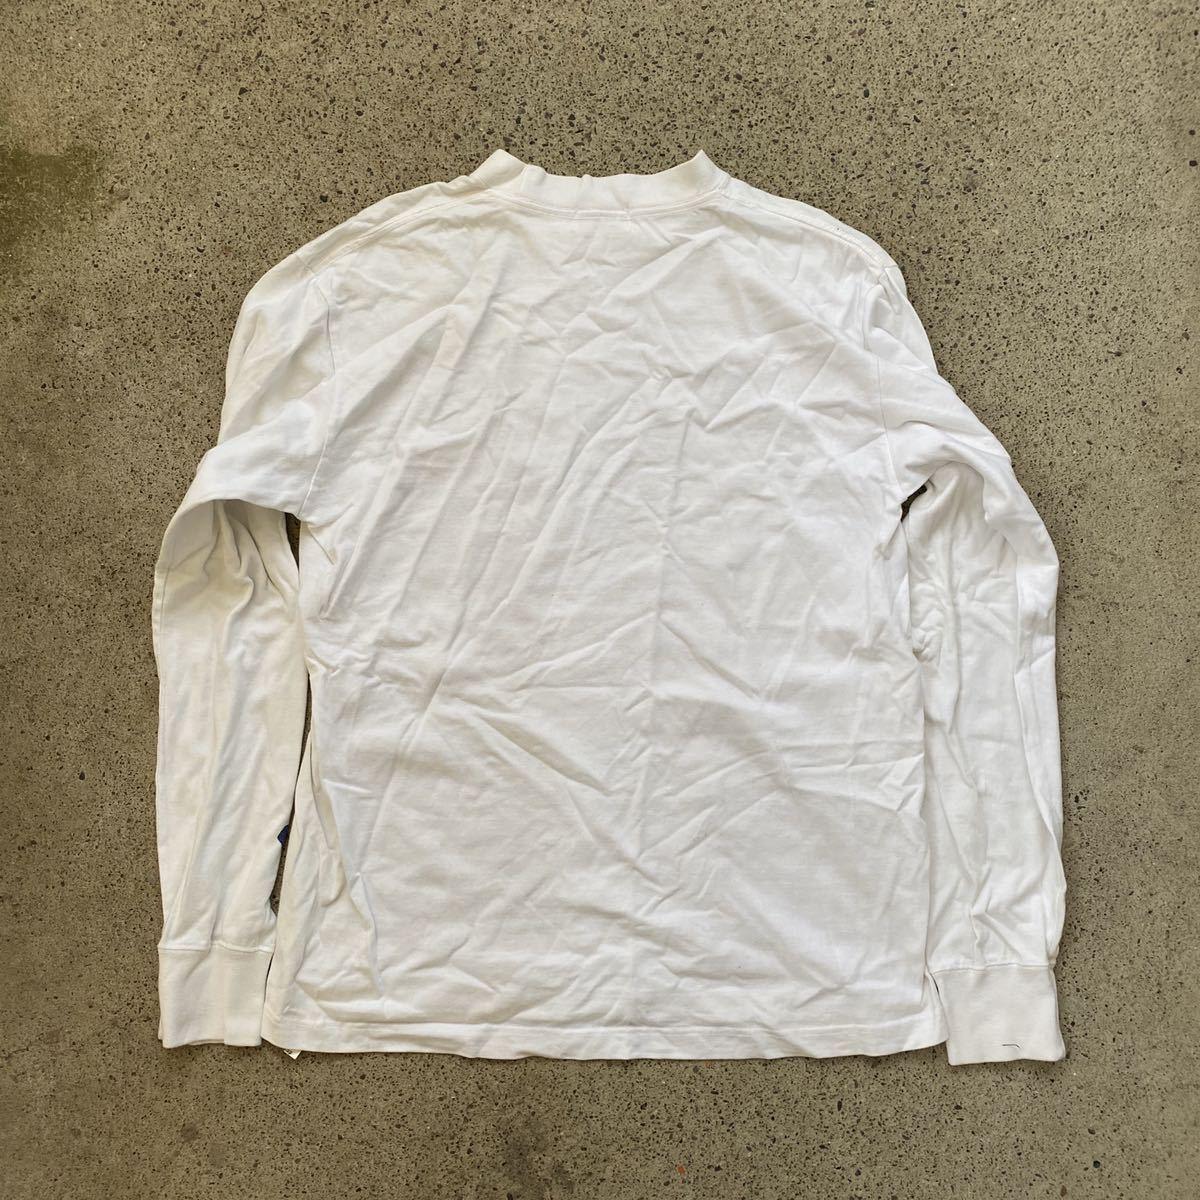 BUZZ RICKSONS 長袖 Tシャツ M バズリクソンズ AIR FORCE ロンT_画像2